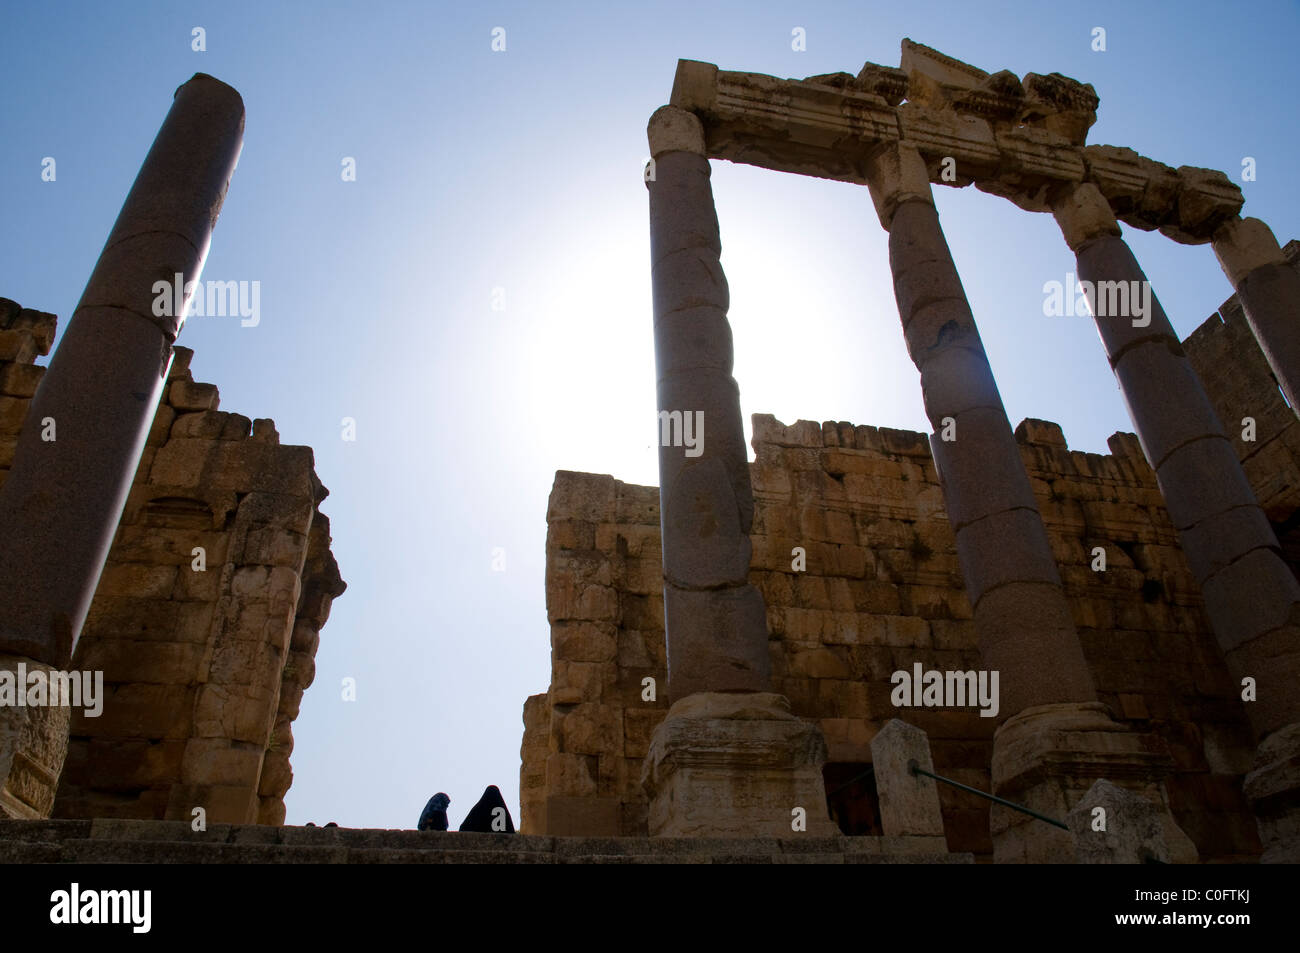 Archaeological site of Baalbek,UNESCO World Heritage Site. Bekaa valley. Lebanon. - Stock Image